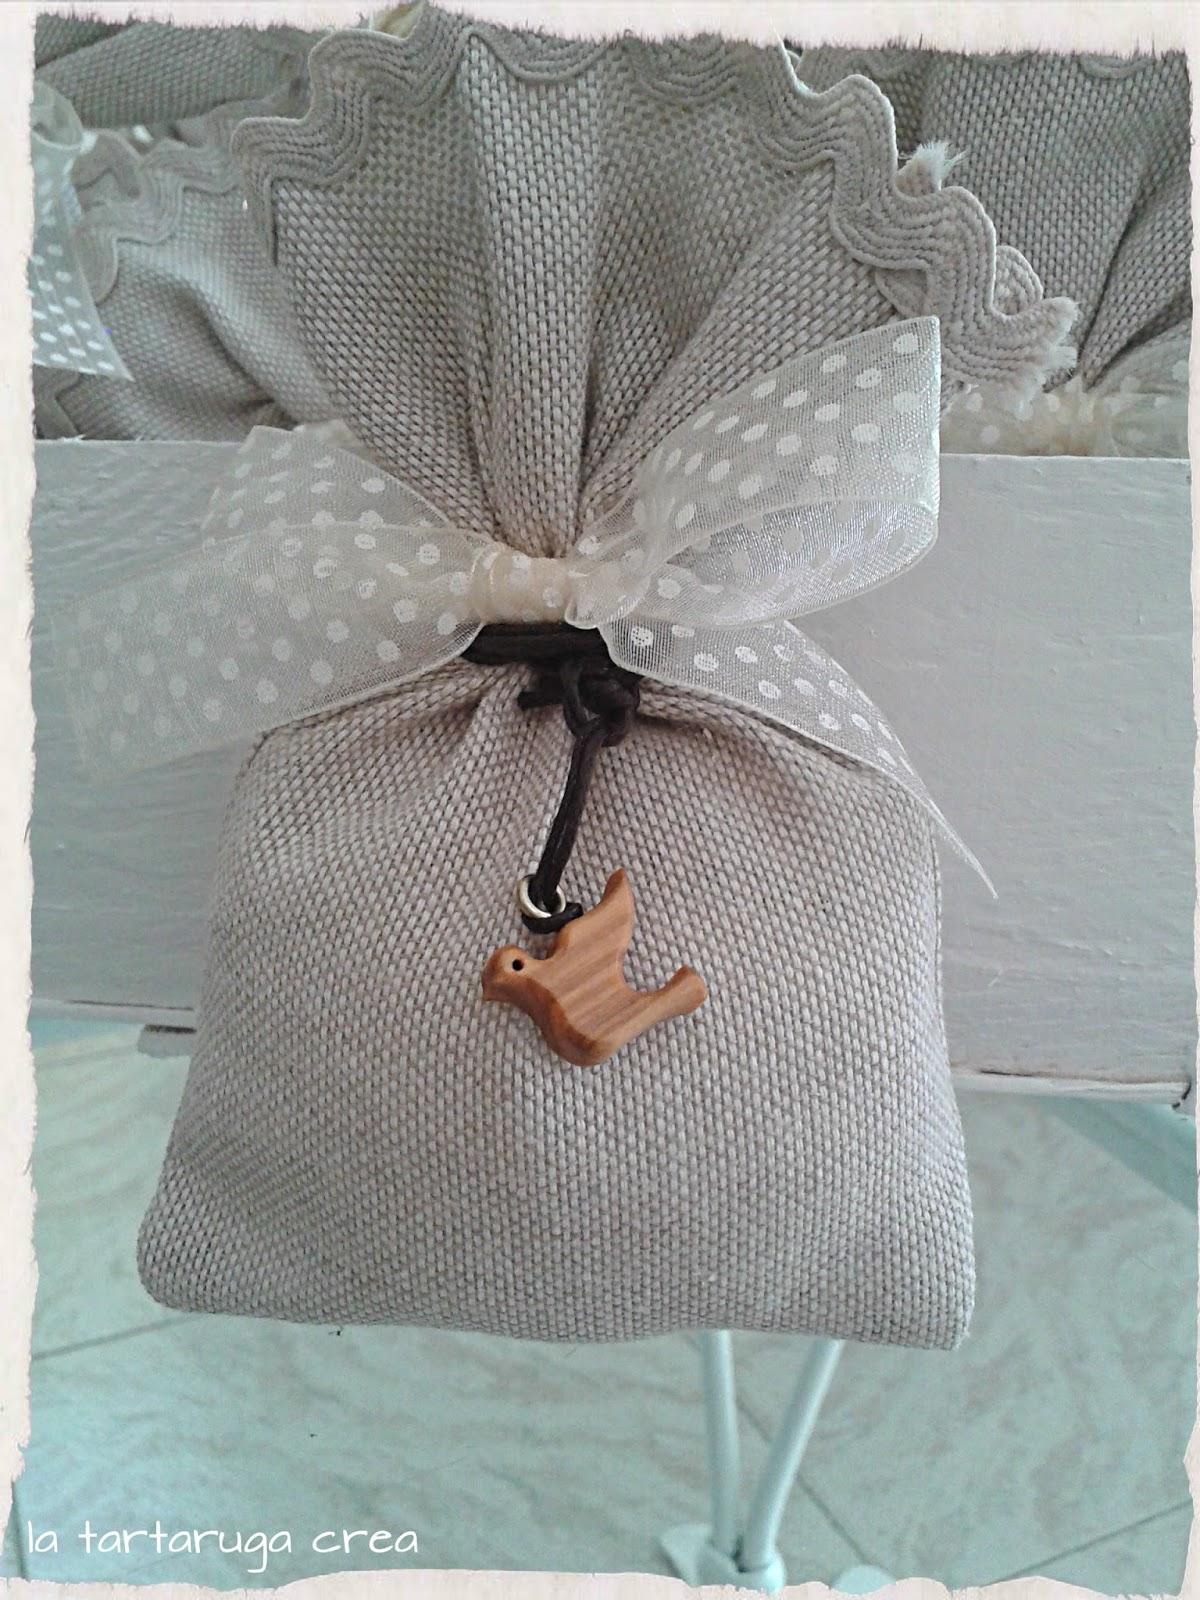 Famoso La tartaruga crea: Sacchetti porta confetti per la Santa Cresima NV23